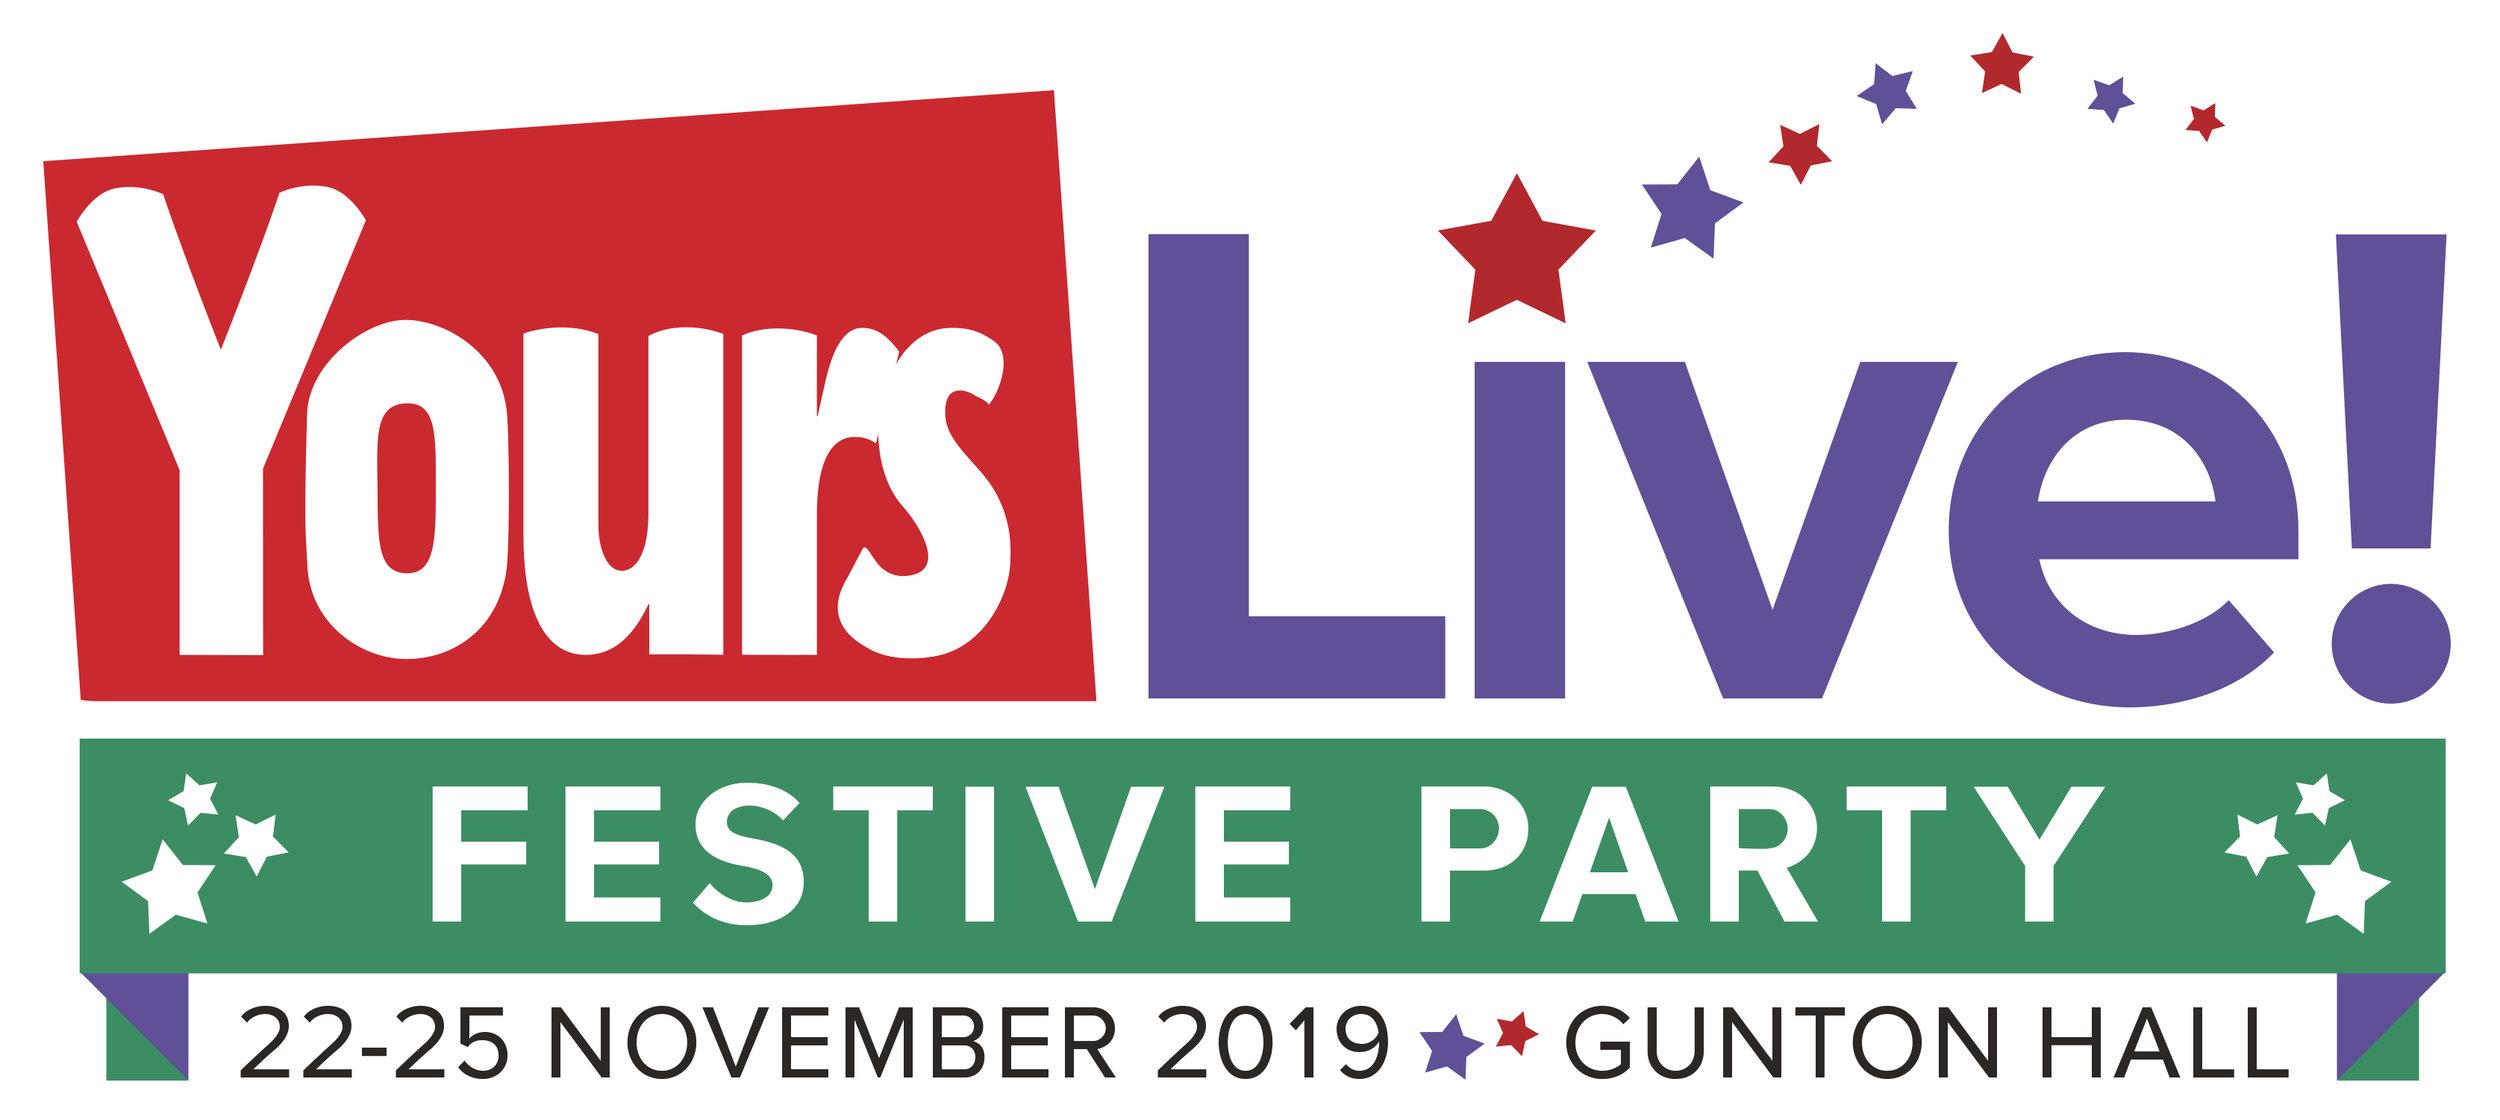 YOURS LIVE 2019 festive logo.jpg